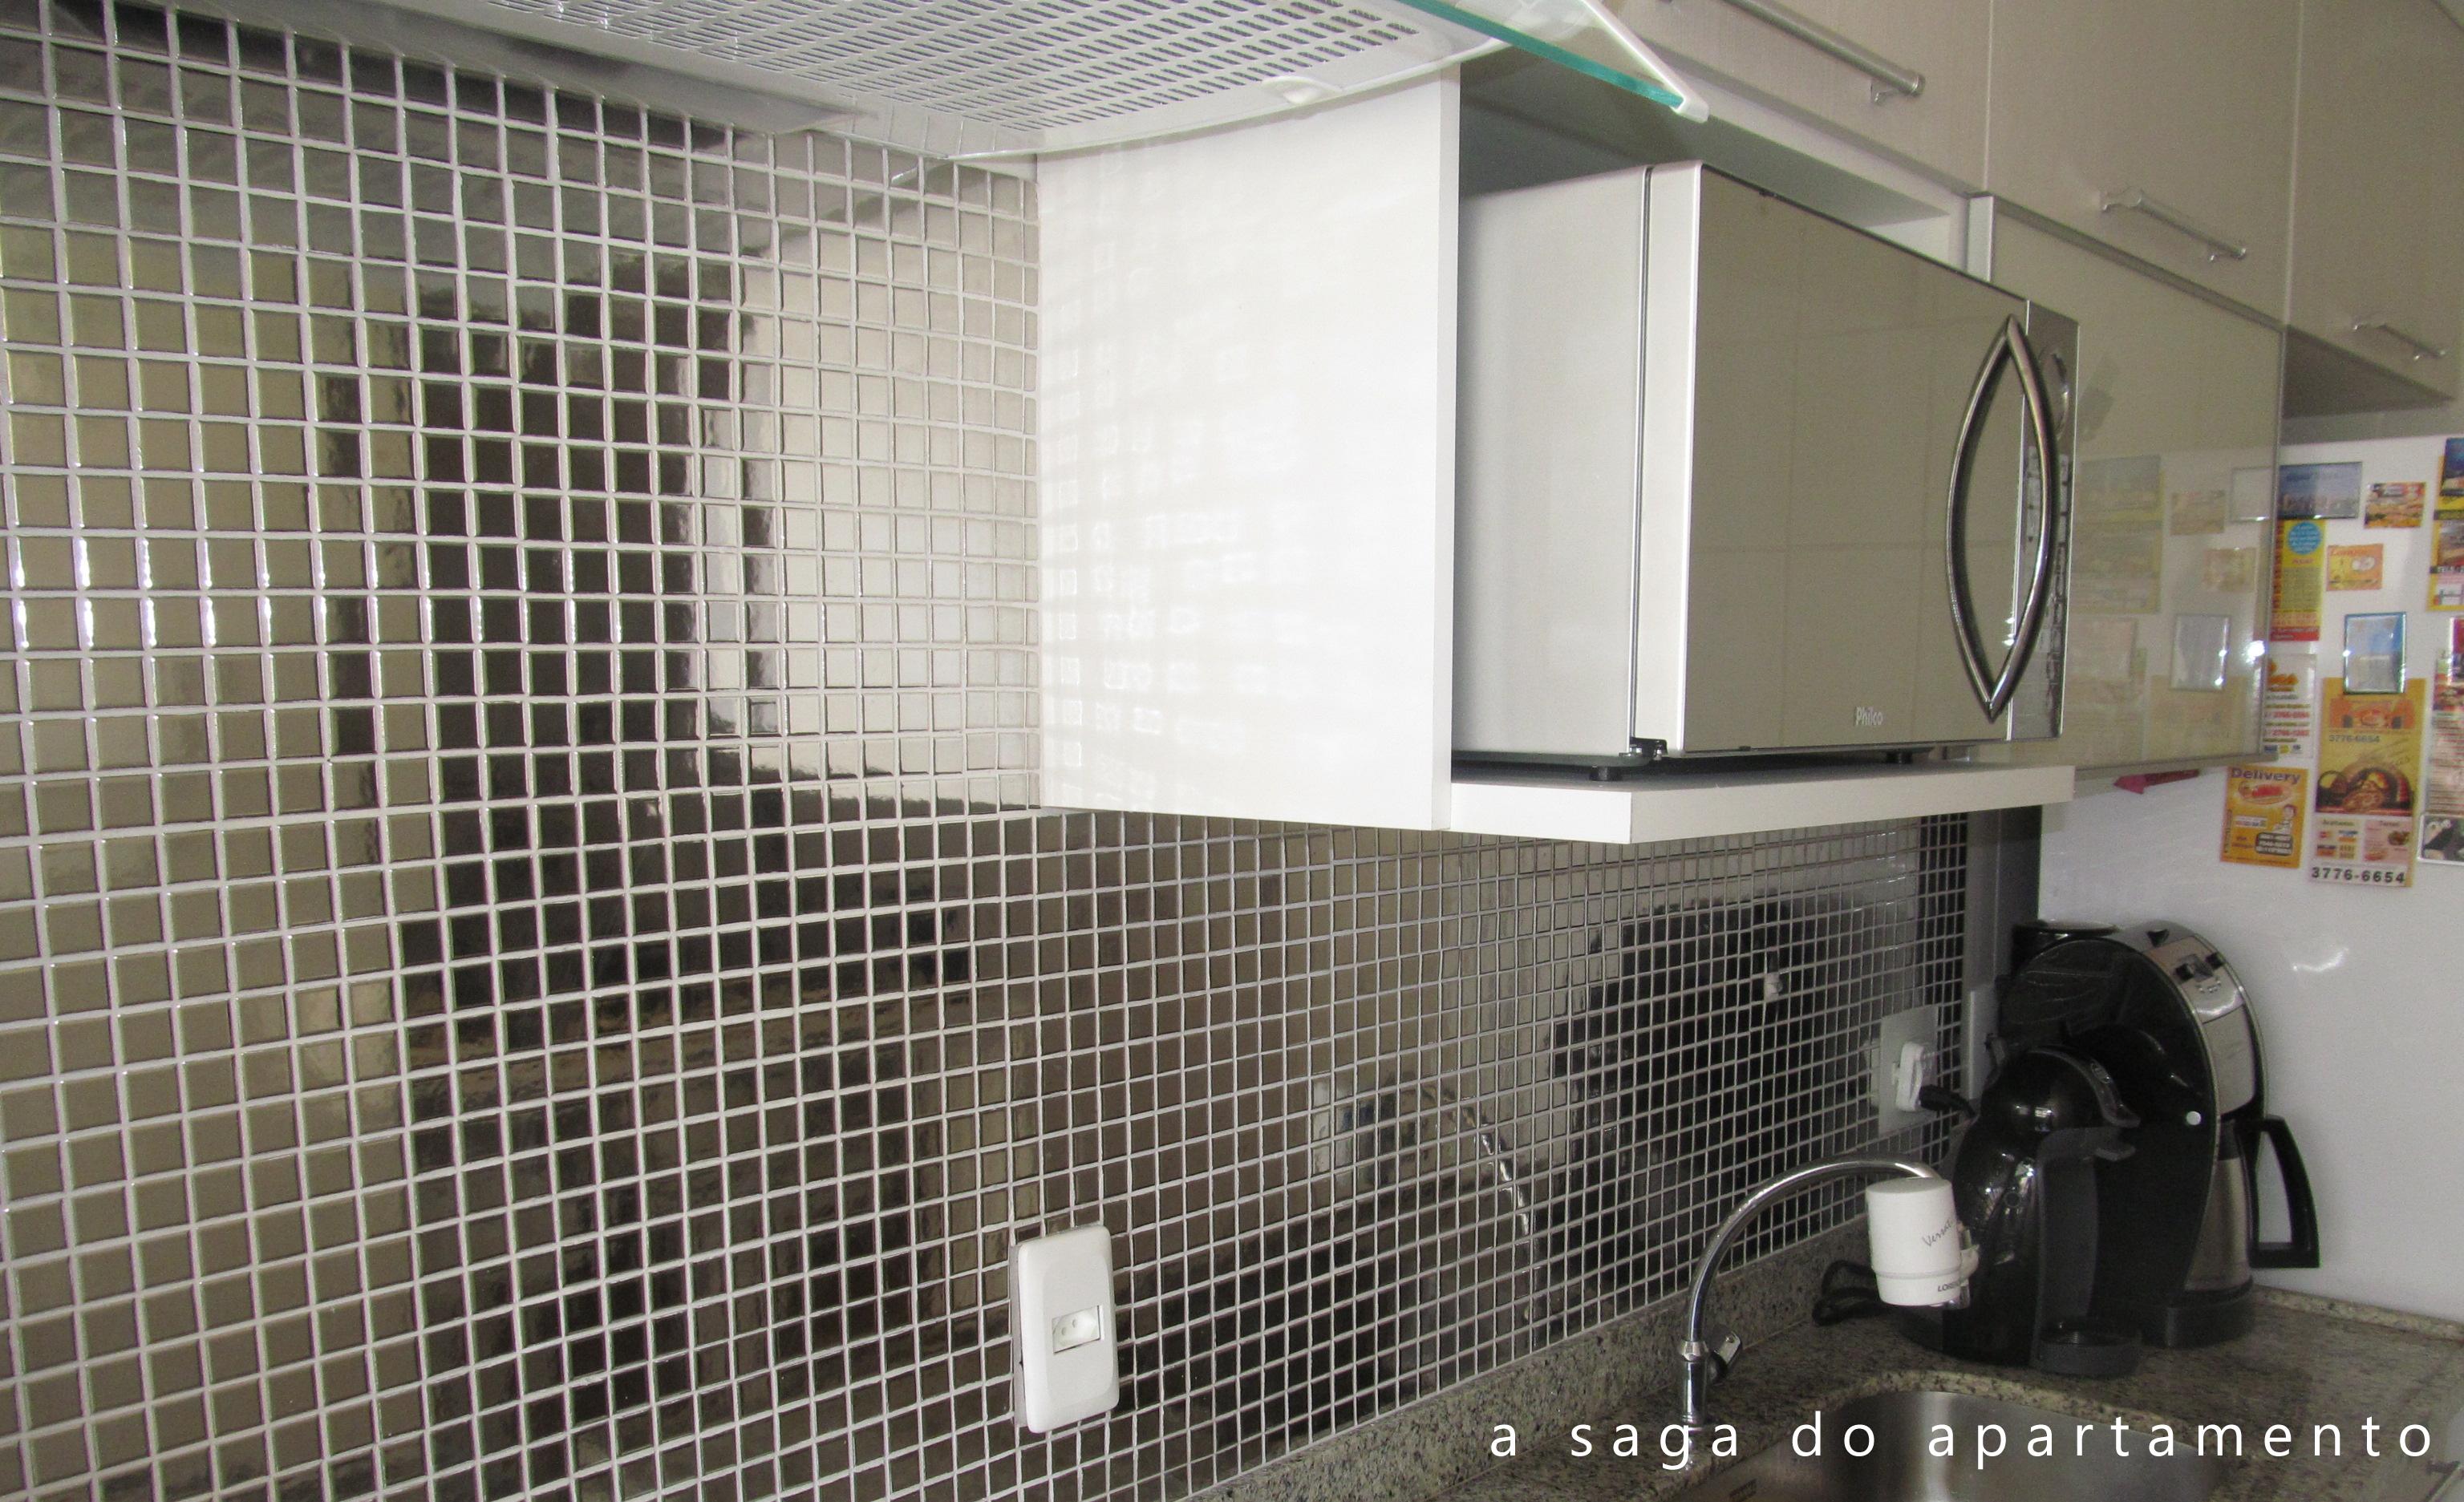 Pastilhas de Vidro parte 4: Pastilhas Inox na Cozinha a saga do  #665F4D 3072 1873